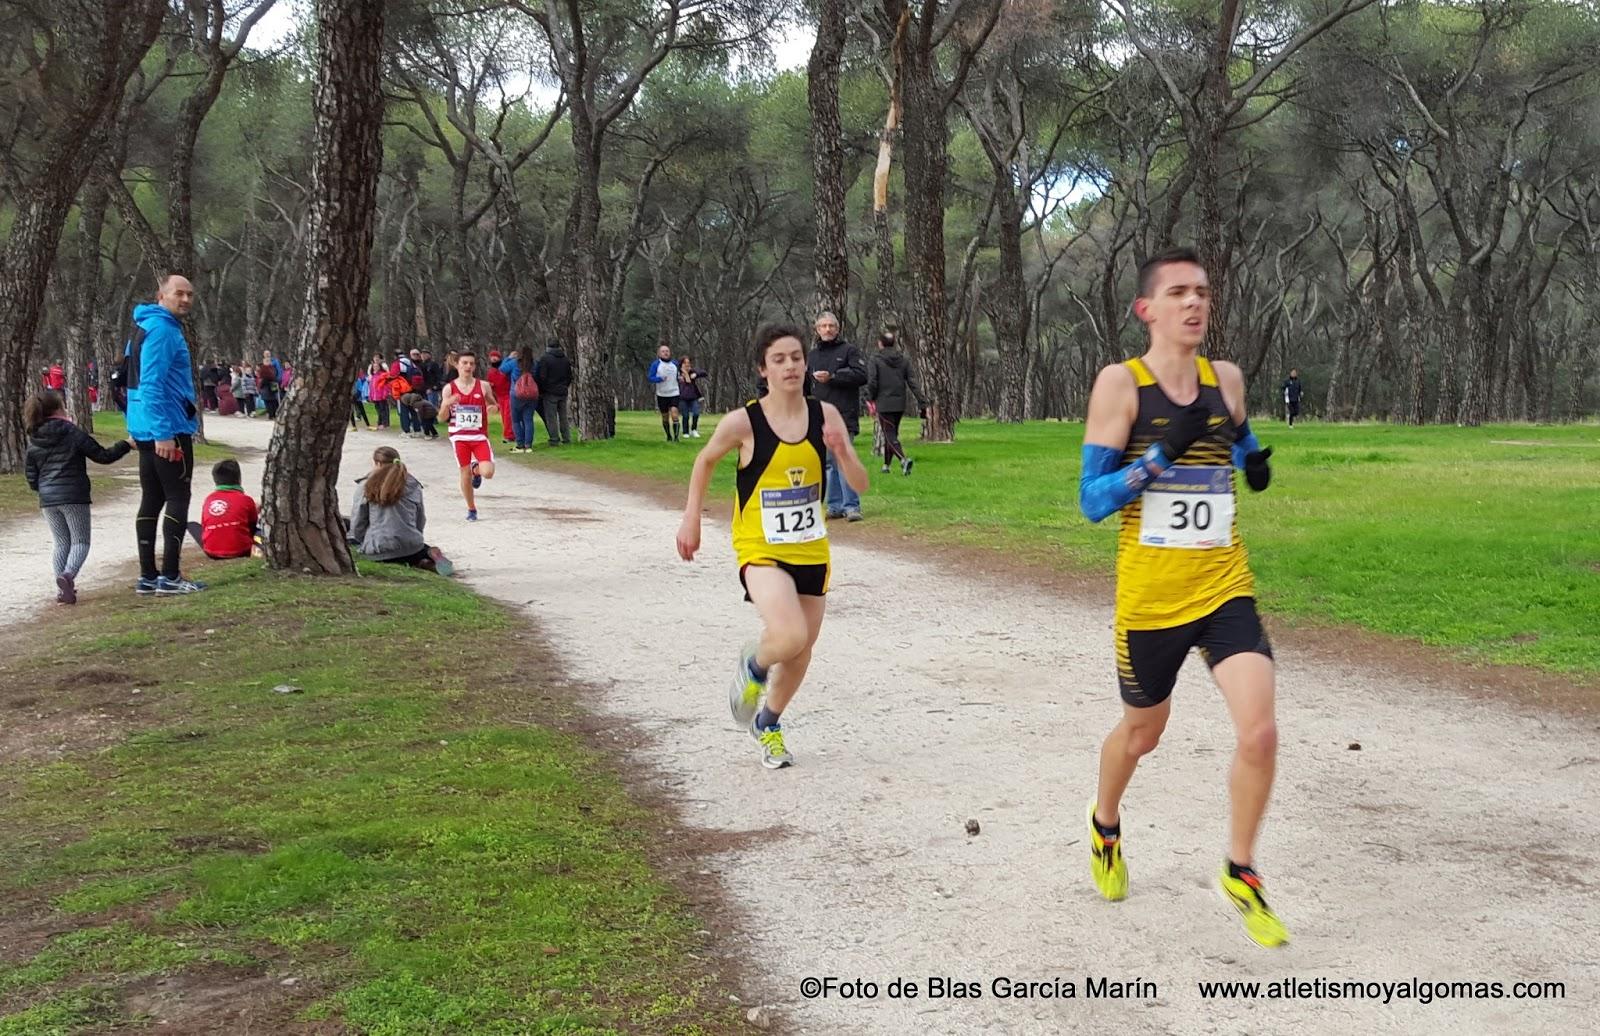 Atletismo y algo m s 11861 atletismo fotograf as y resultados cross canguro amateur - Canguro en casa madrid ...